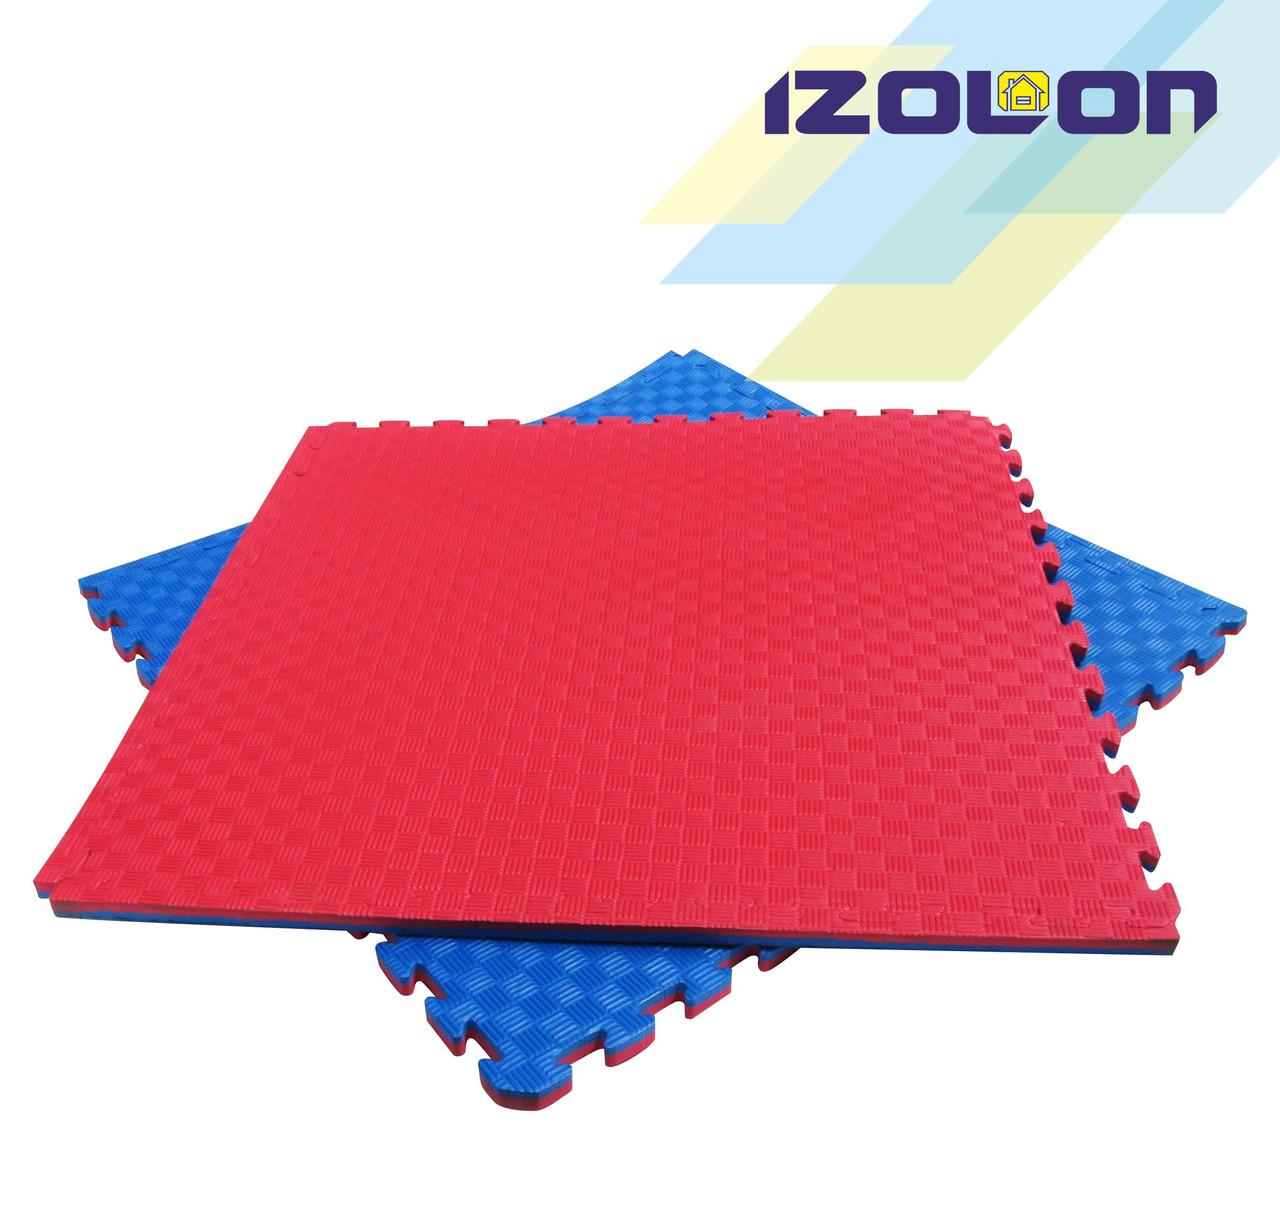 Мат-татами (даянг, ласточкин хвост) IZOLON EVA SPORT 1000х1000х20мм двухслойный